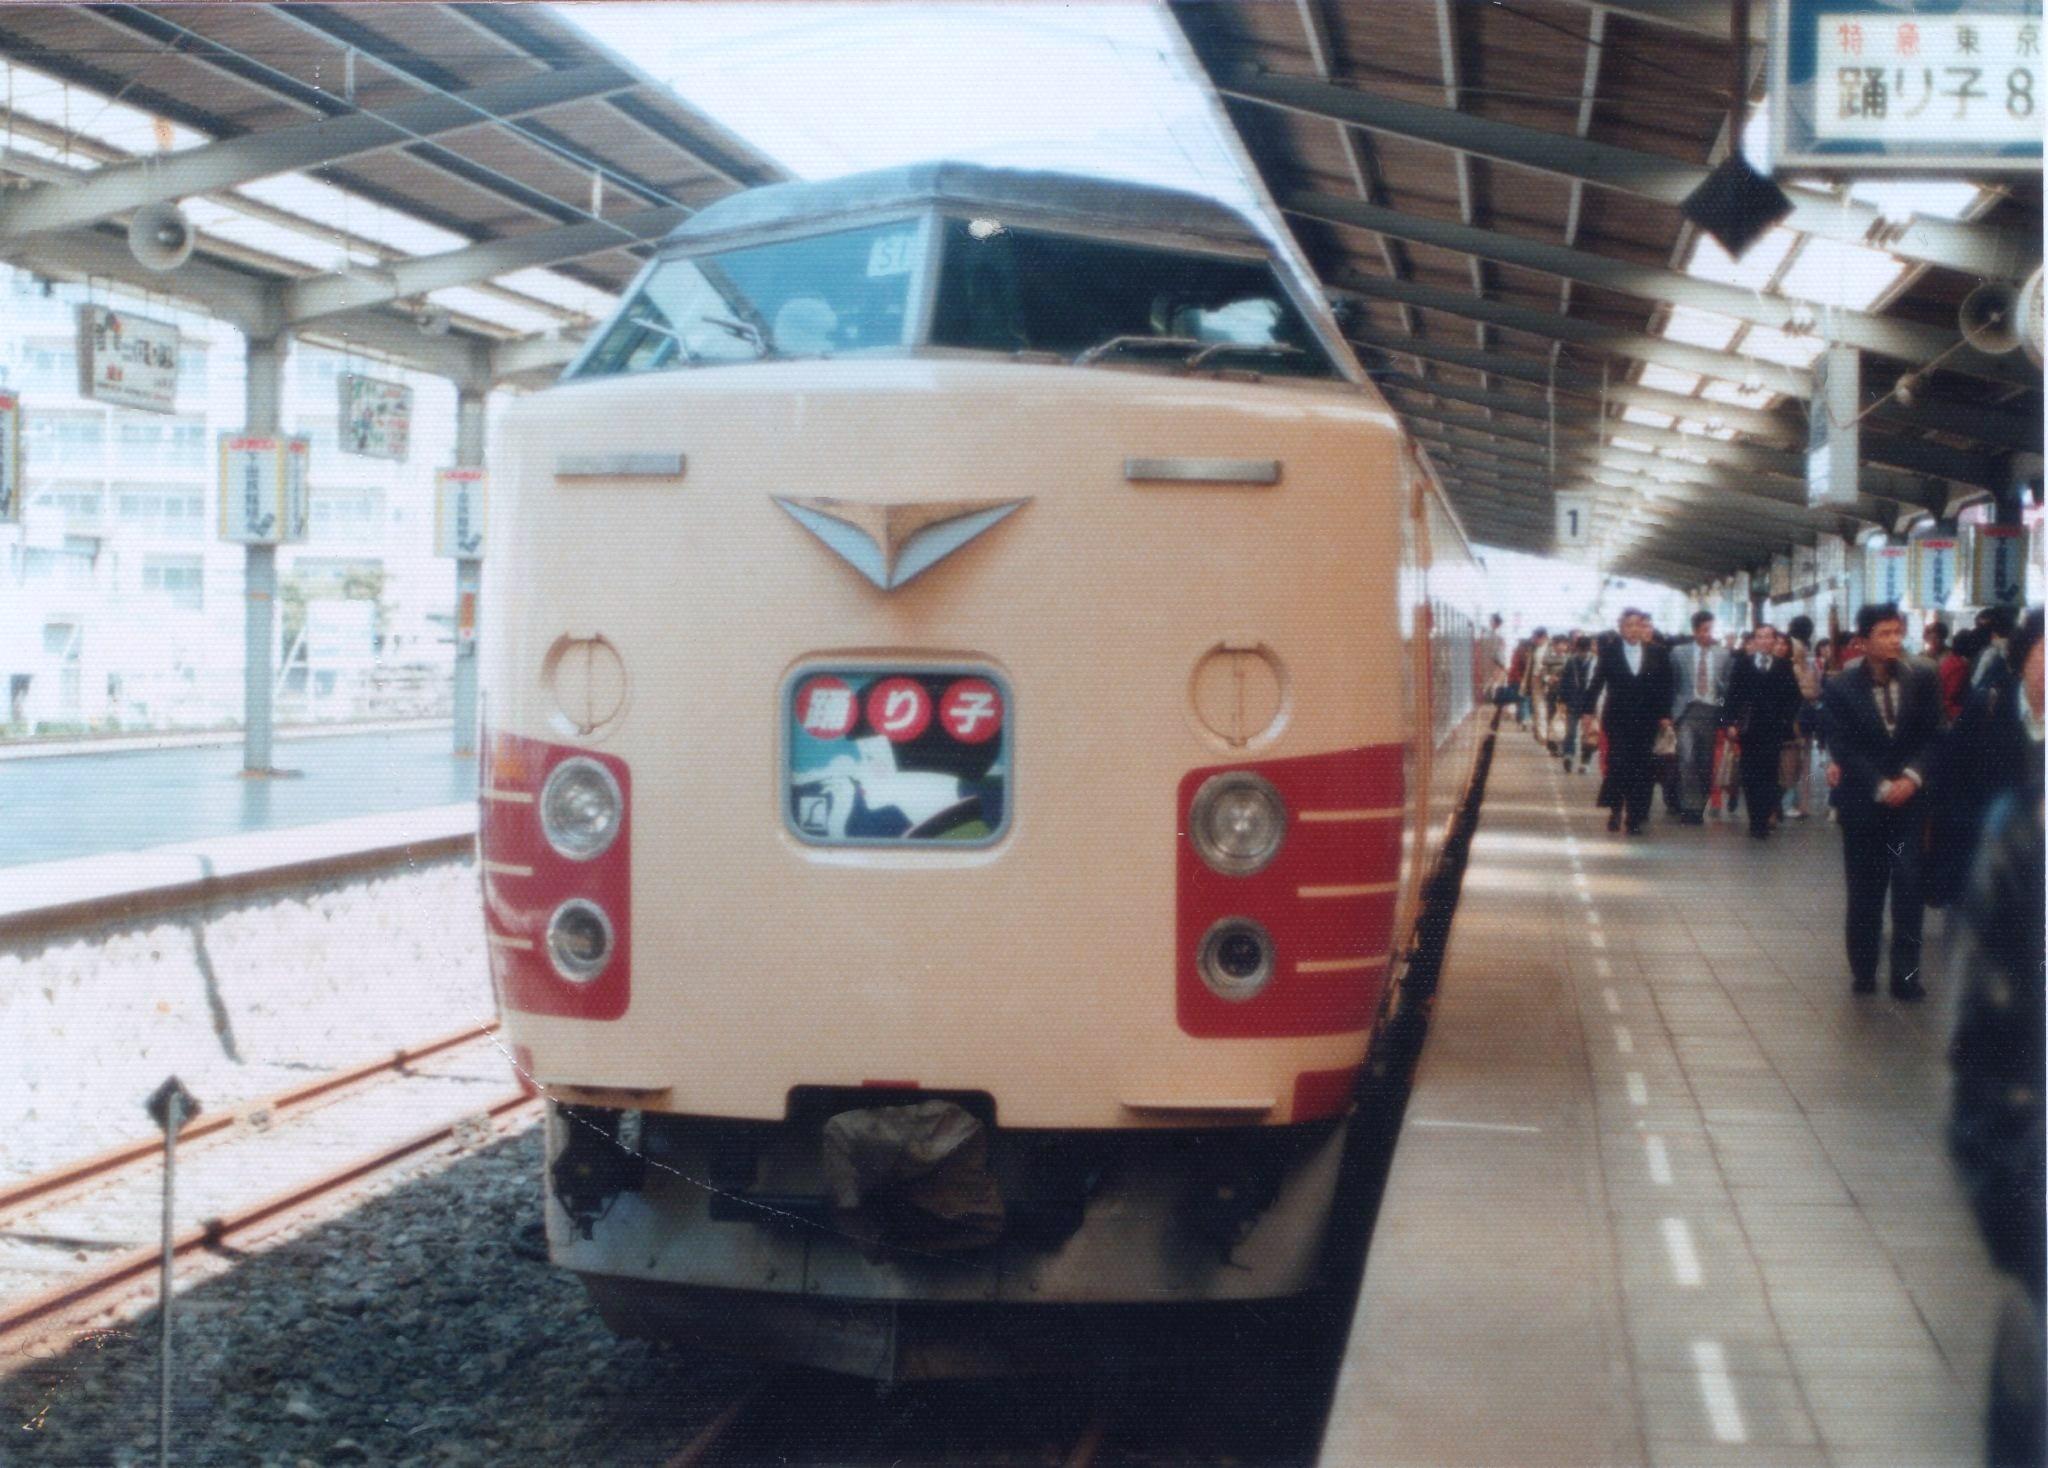 https://upload.wikimedia.org/wikipedia/commons/c/c7/183_Odoriko_Izukyu-Shimoda_198203.jpg